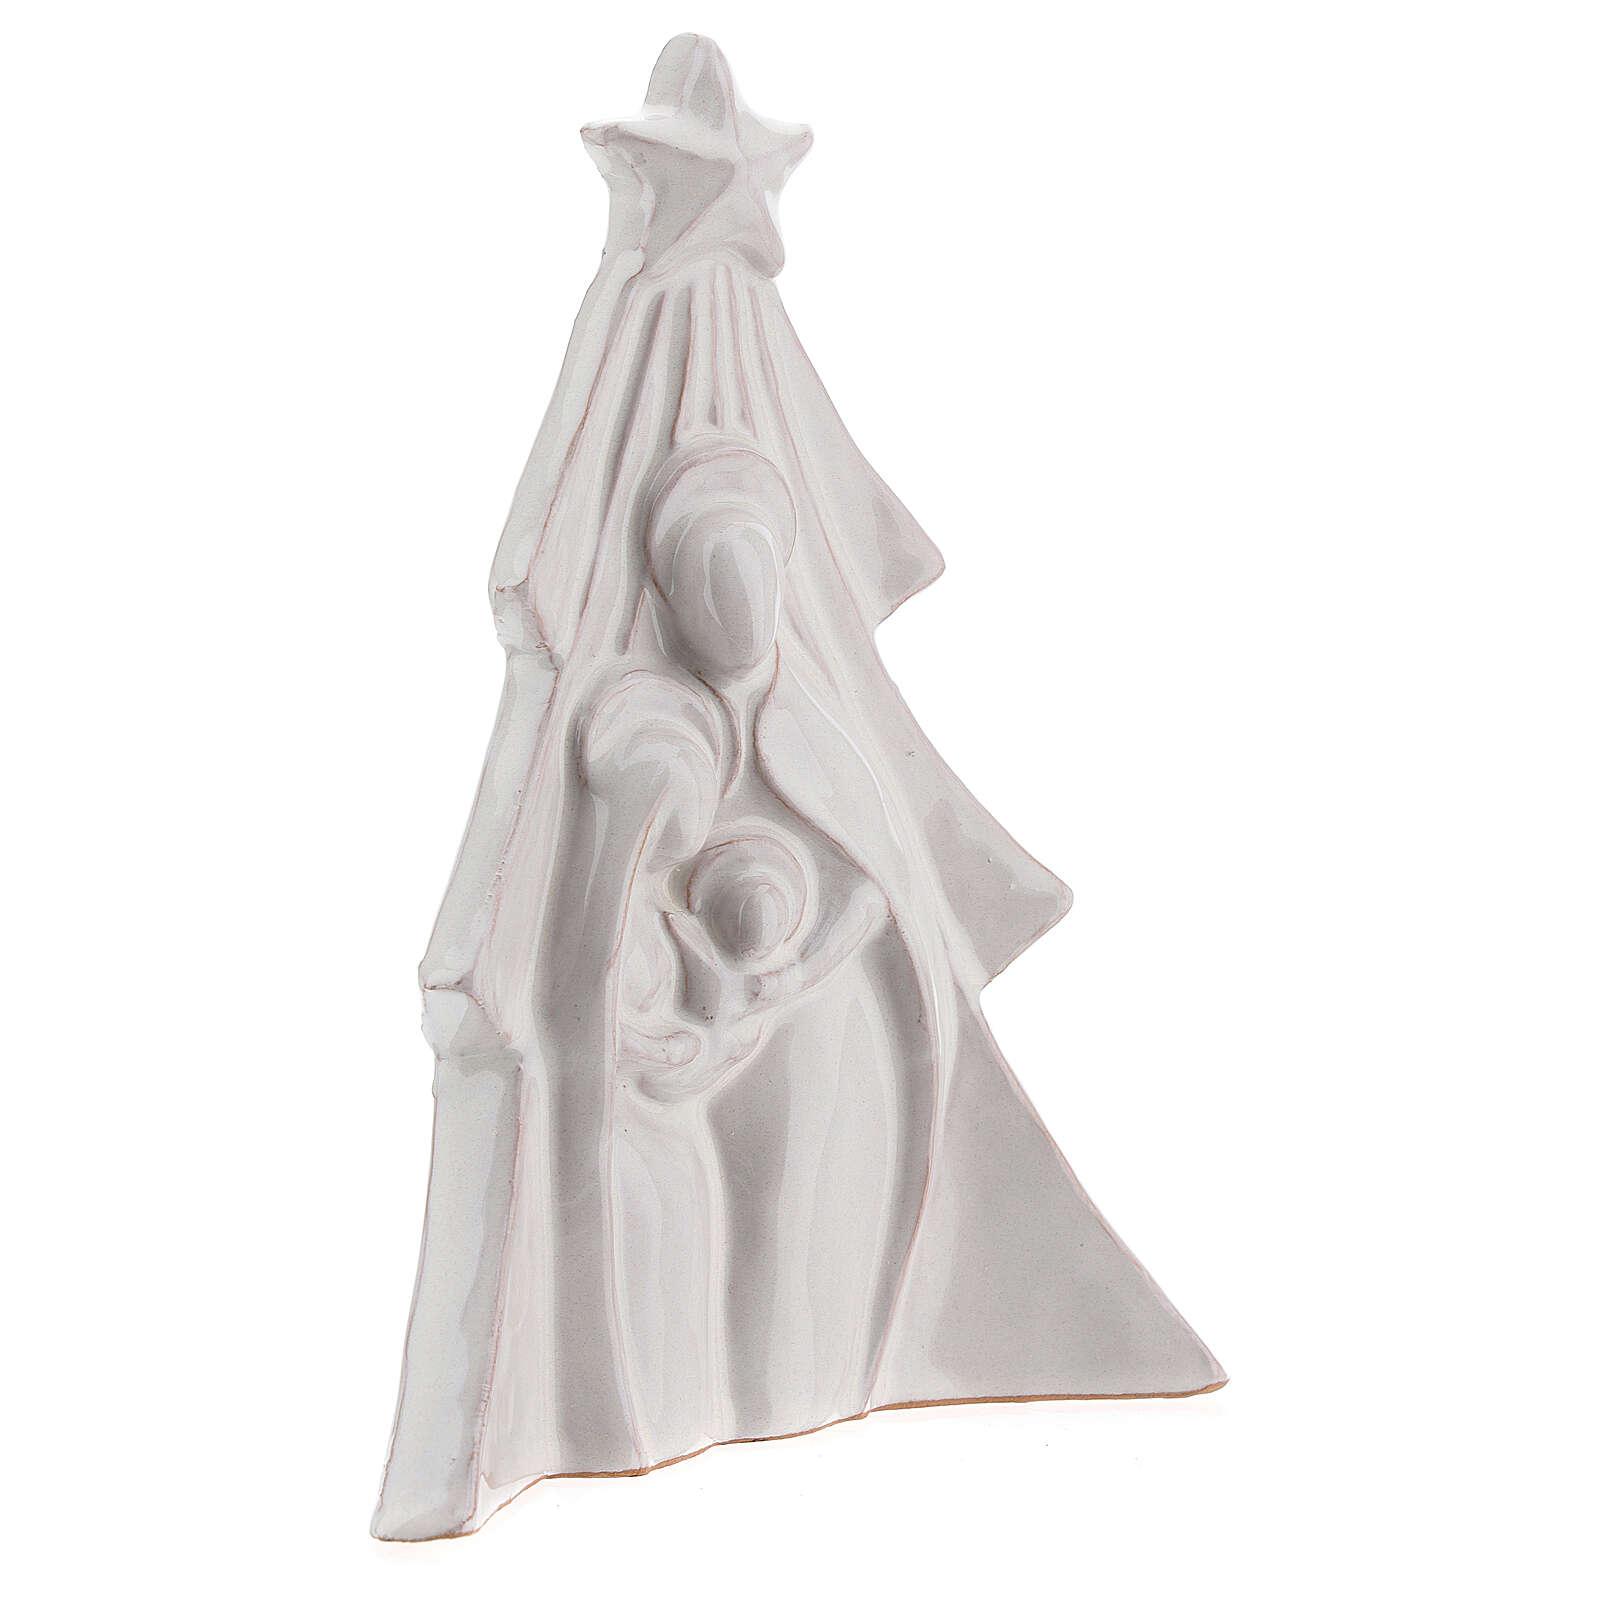 Albero Natale terracotta bianca rilievo Sacra Famiglia Deruta 19x16 cm 4